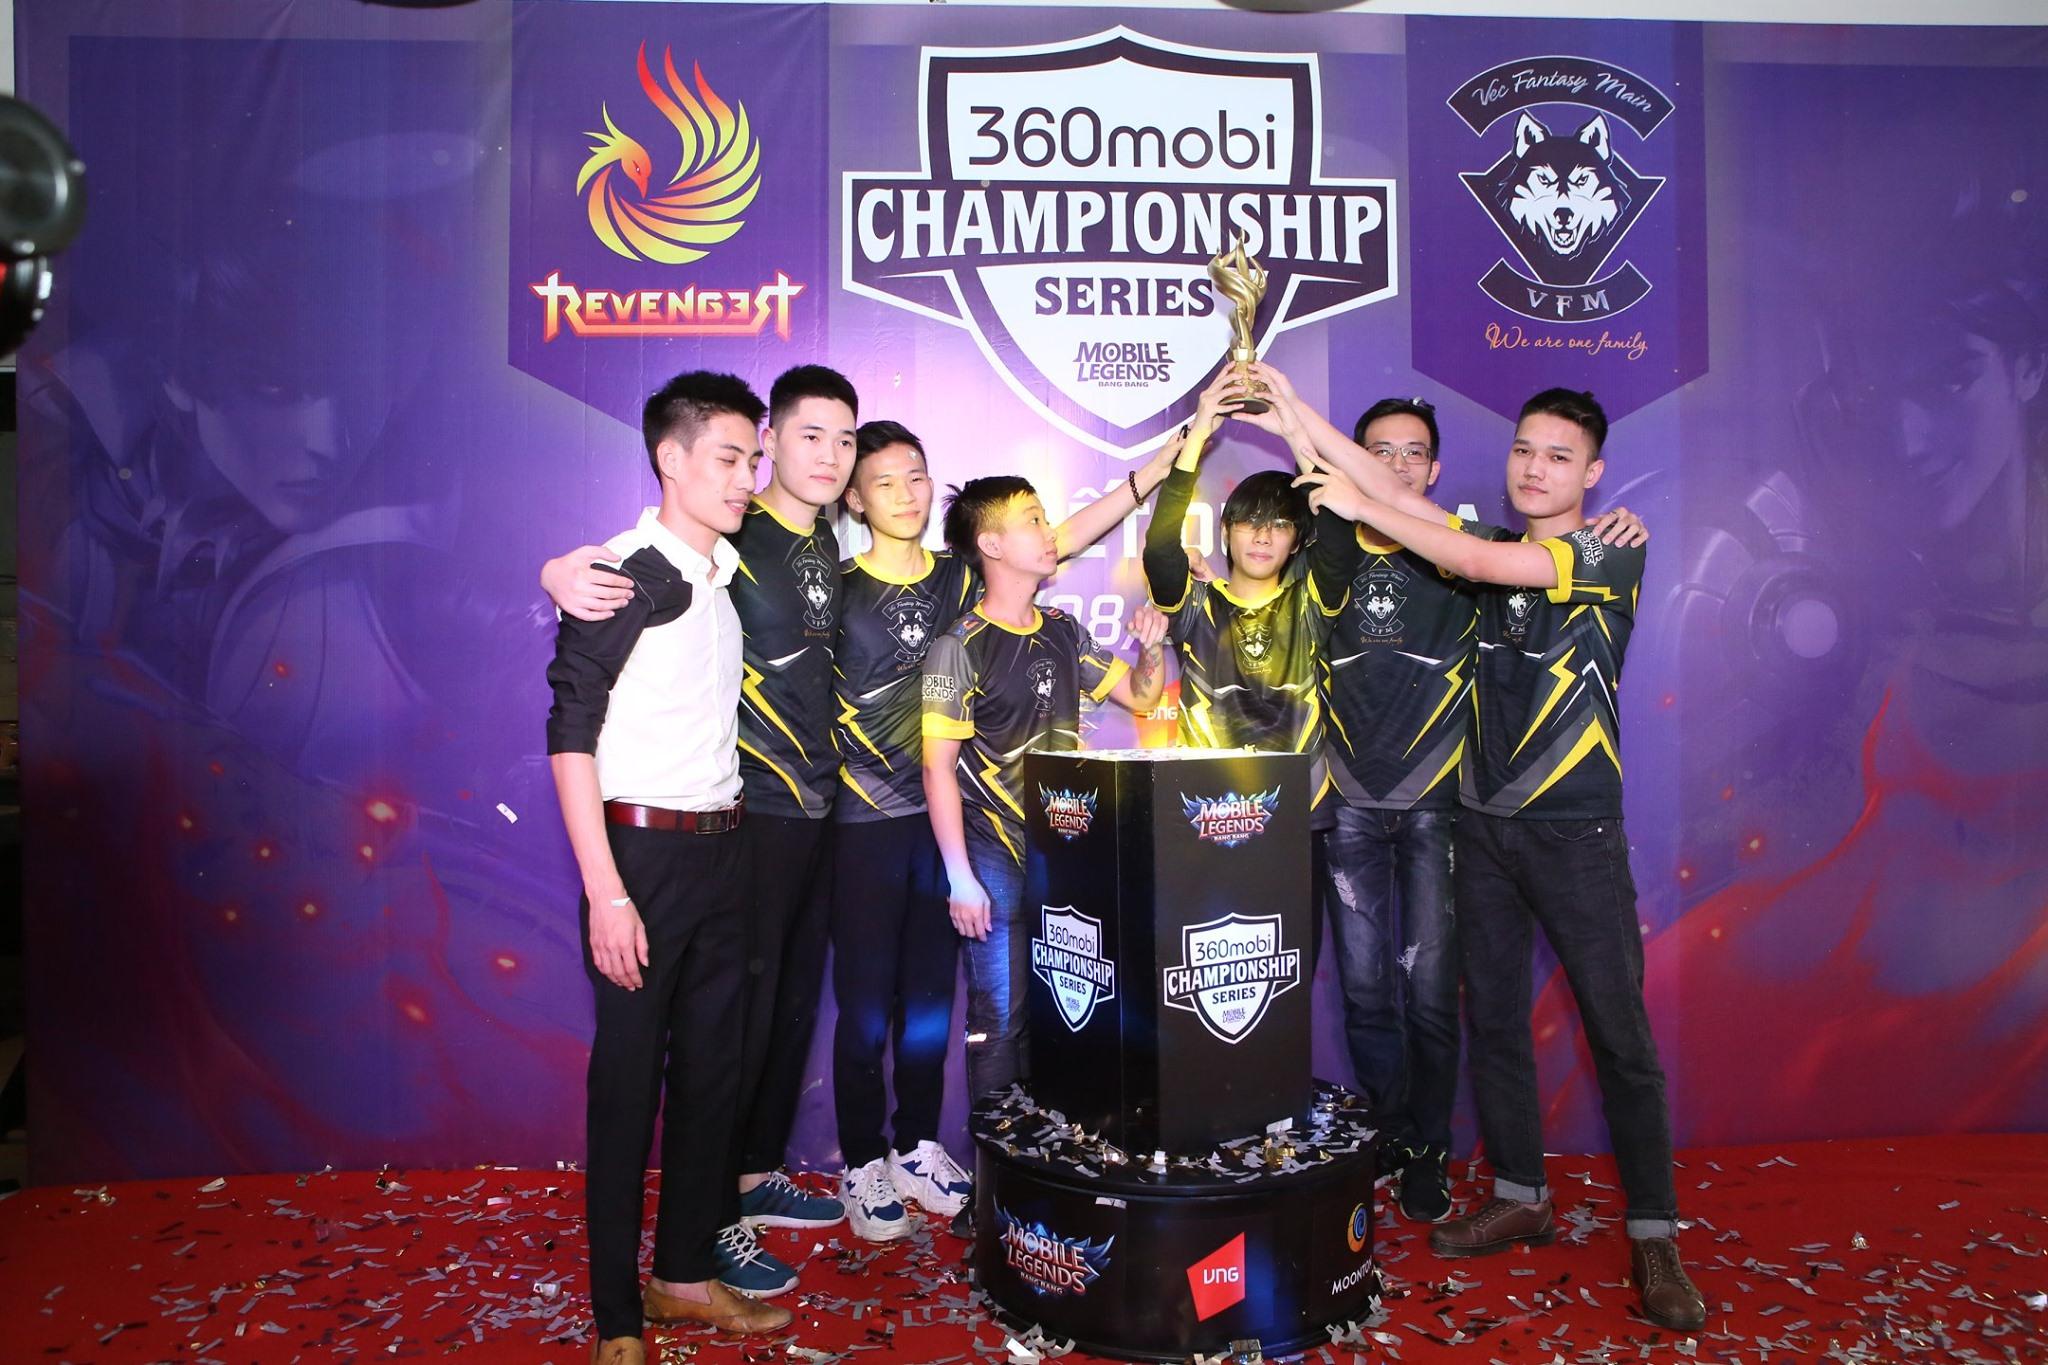 [Mobile Legends] Lên ngôi 360mobi Championship Series mùa 3, VFM trở thành đại diện Việt Nam tham dự Seagames 30